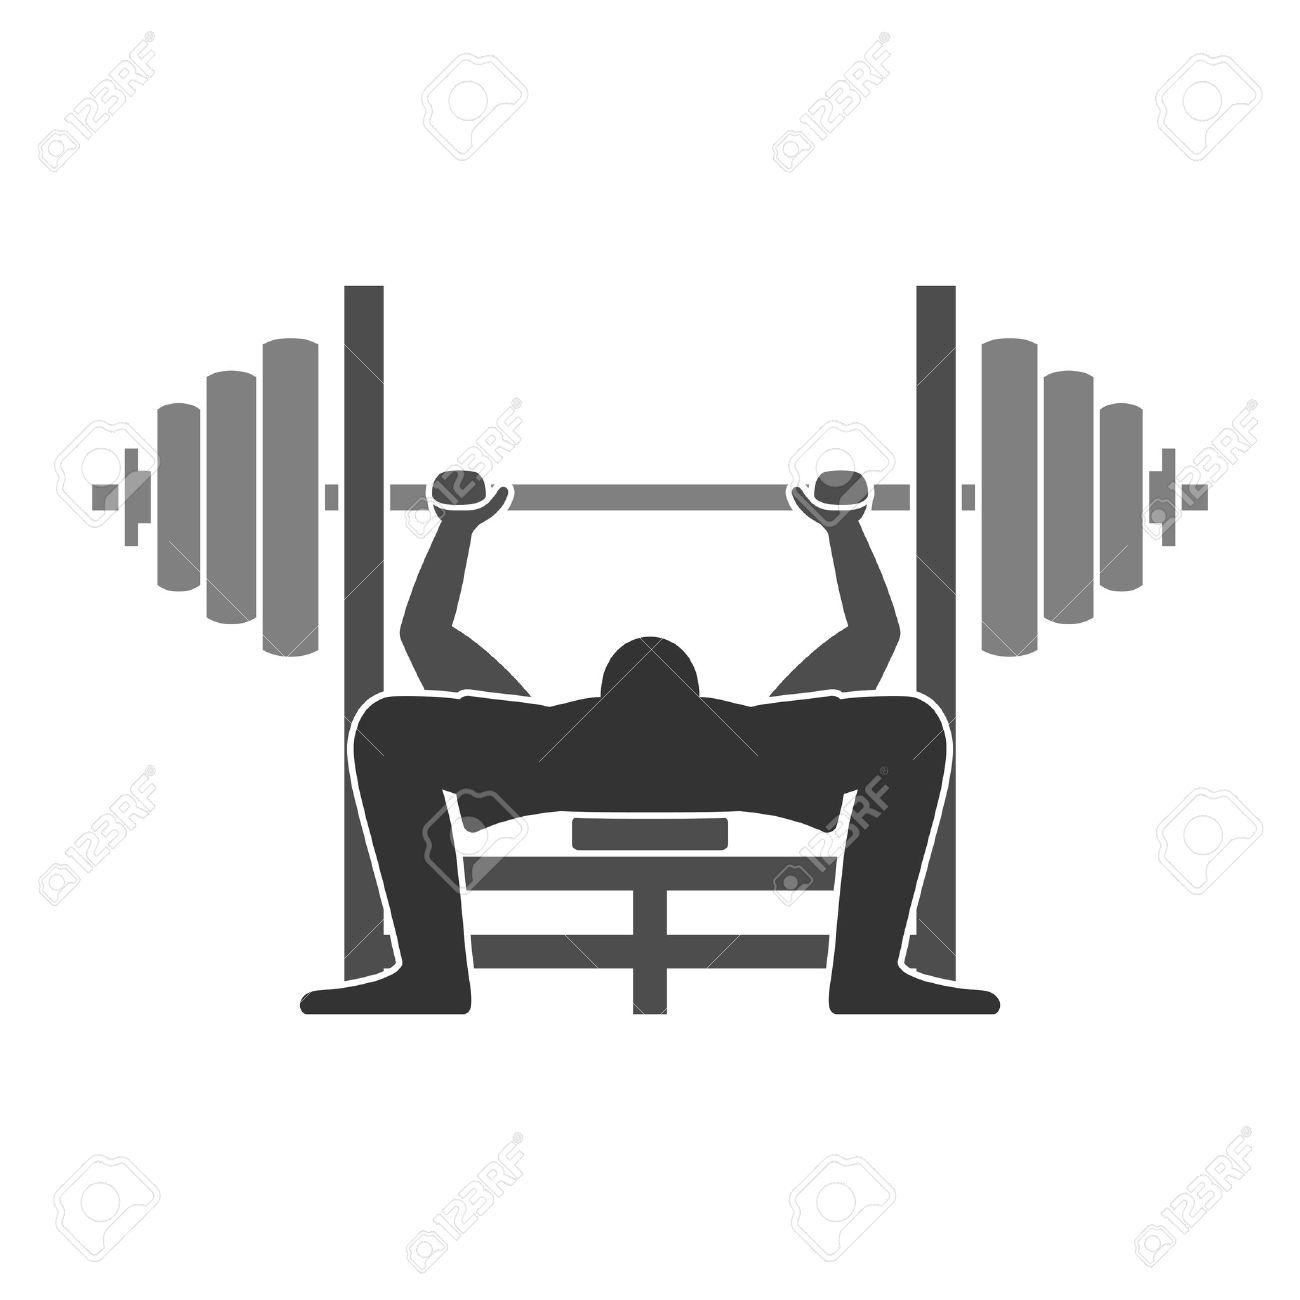 Bench Press Icon Stock Vector - 25118481